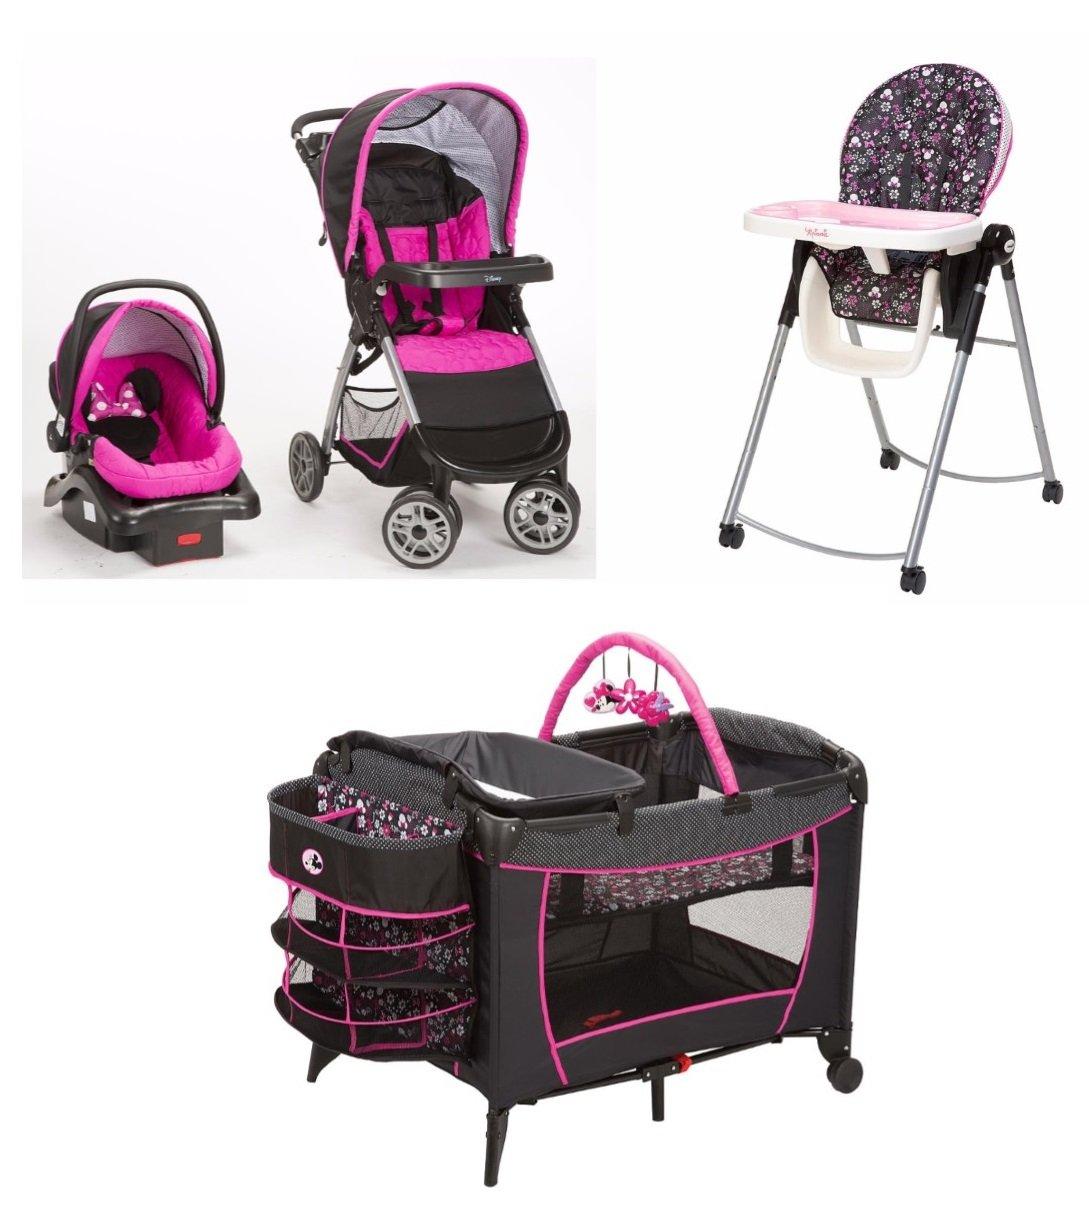 Amazon.com : 4 Piece Minnie Mouse Pop Newborn Set Stroller Car Seat